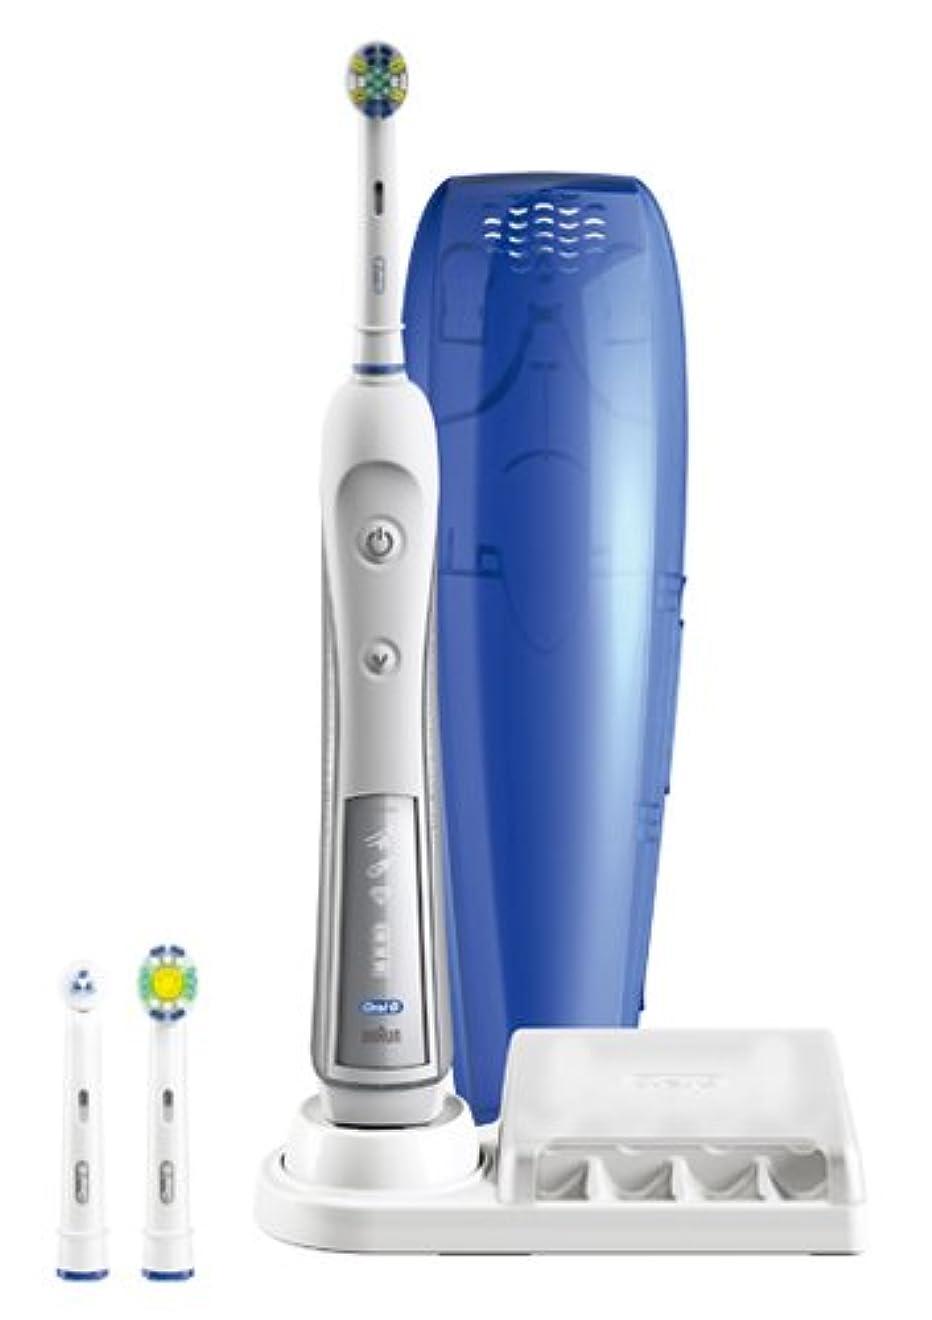 アプローチ屋内で未来ブラウン オーラルB 電動歯ブラシ デンタプライド4000 D295354X